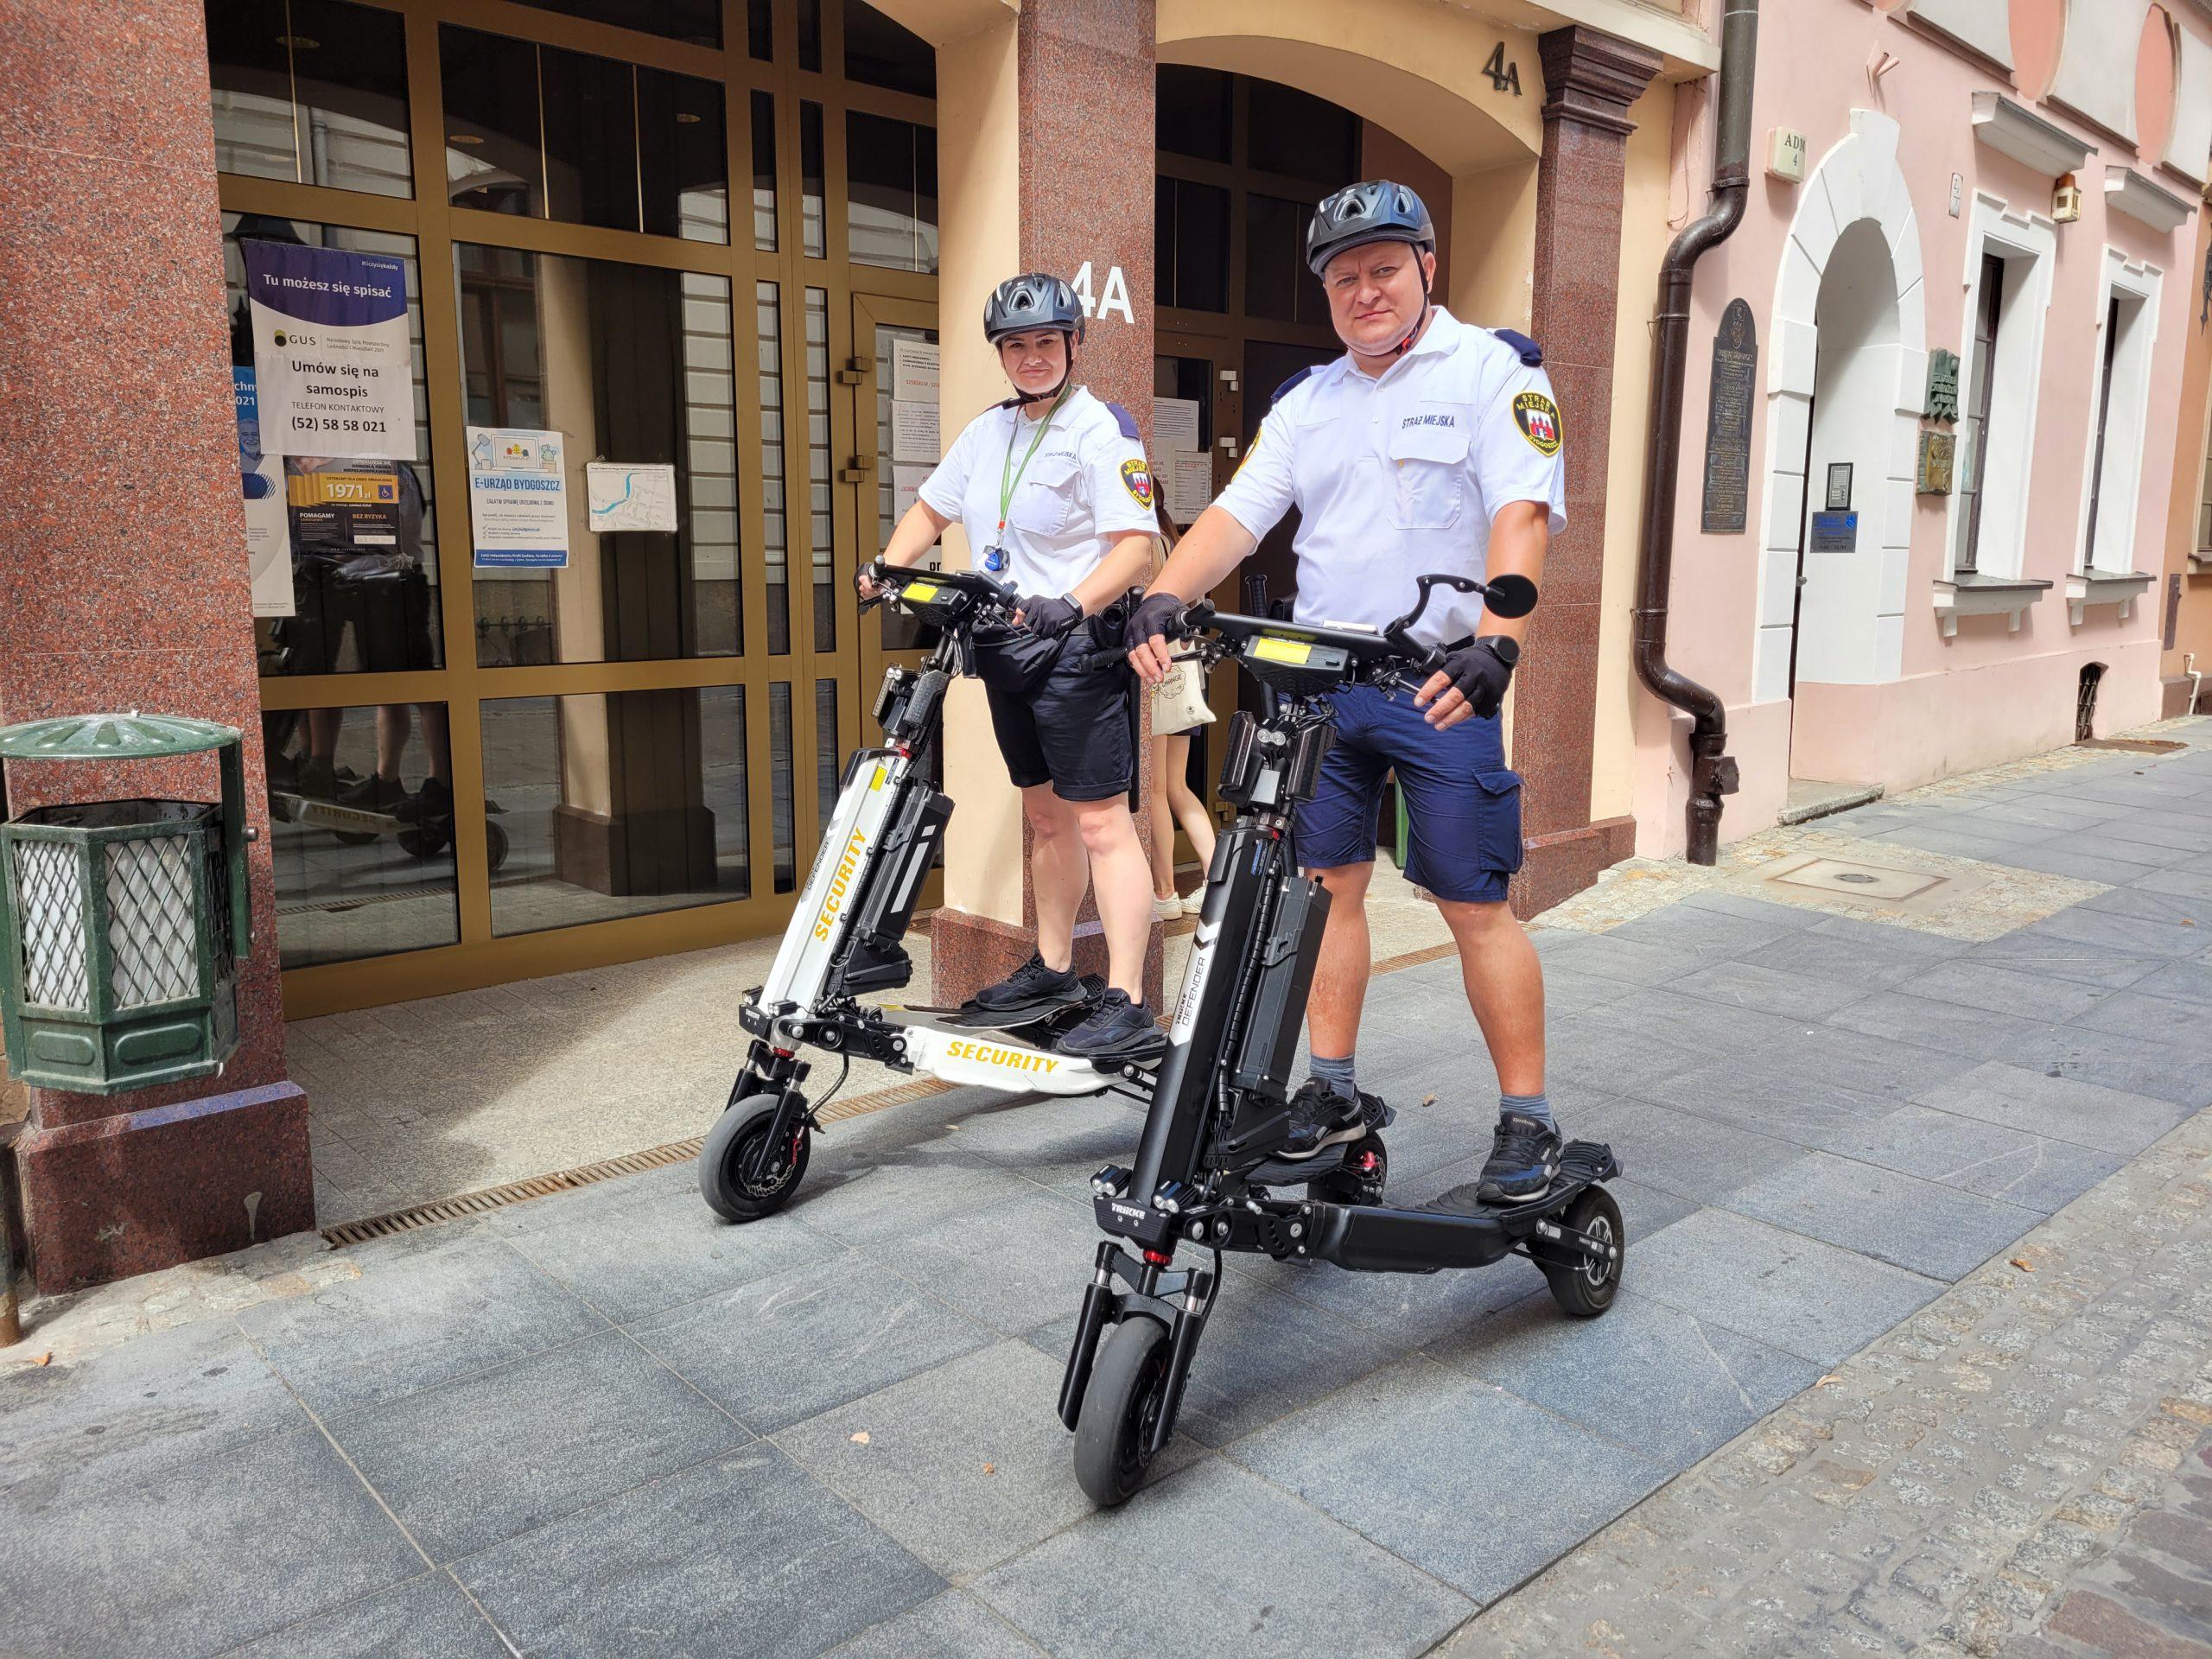 Elektryczny, Patrolowy Trikke model Defender dla Straży Miejskiej, film, patrol, jazda.